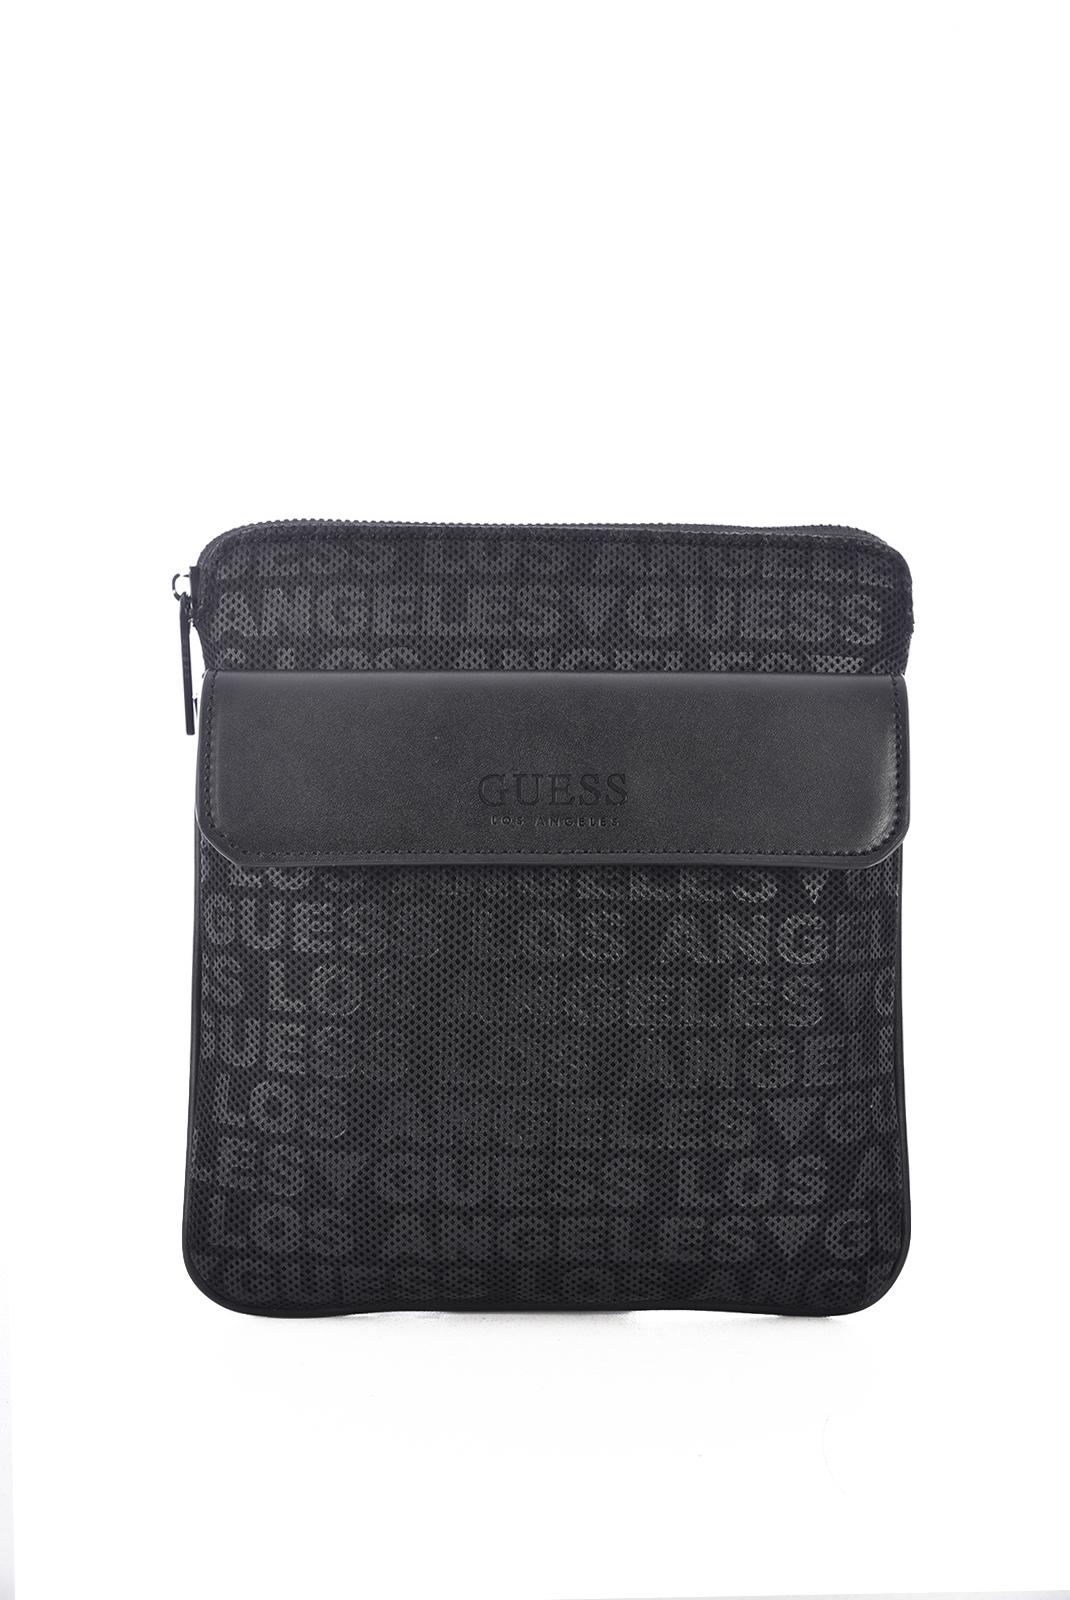 Sacs à bandoulière  Guess jeans HMNEMT P0227 BLACK